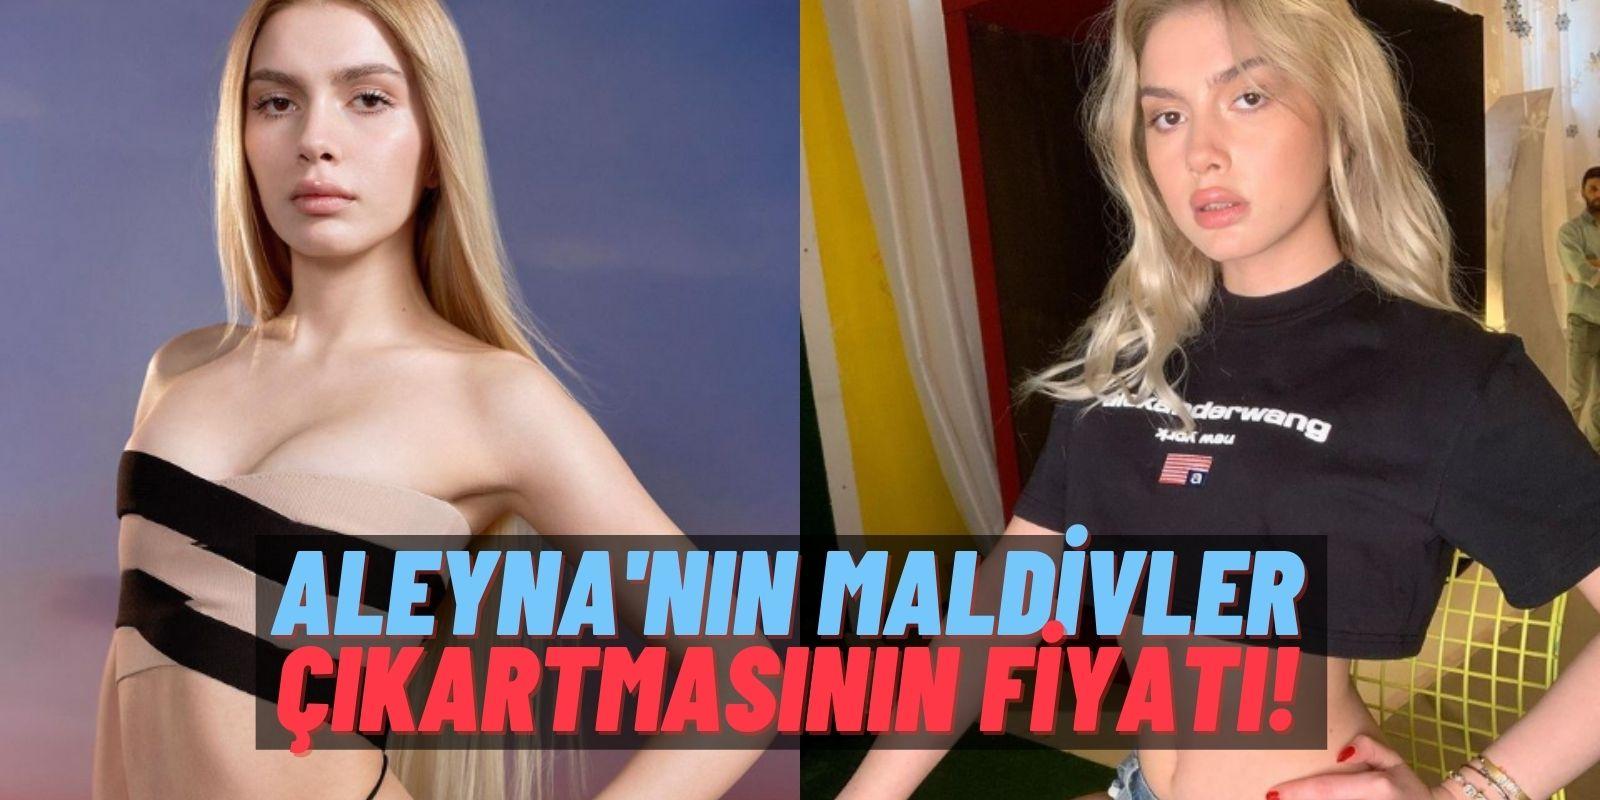 """Aleyna Tilki """"Retrograde"""" Başarısını Kutluyor! Maldivler Tatilinin Bedeli: Aleyna Tilki Ufak Bir Servet Ödemiş!"""